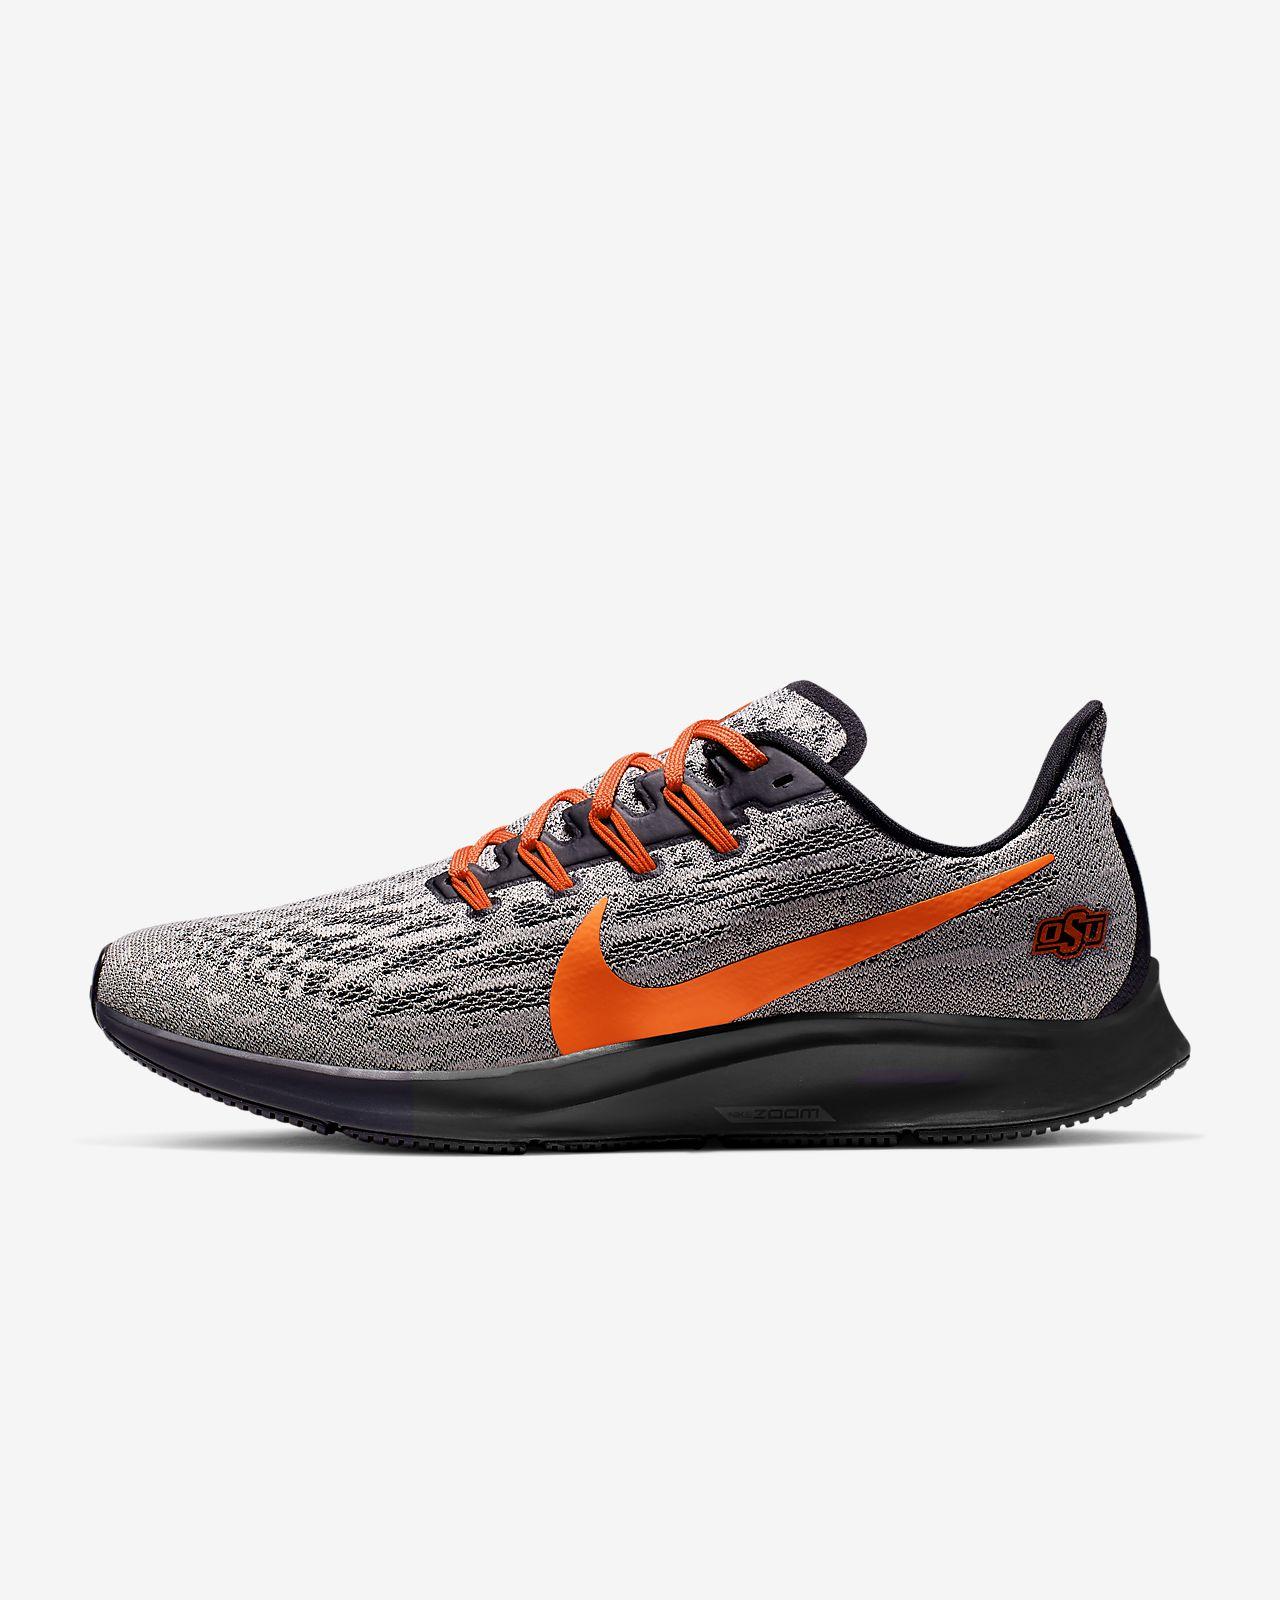 Nike Air Zoom Pegasus 36 (Oklahoma State) Men's Running Shoe